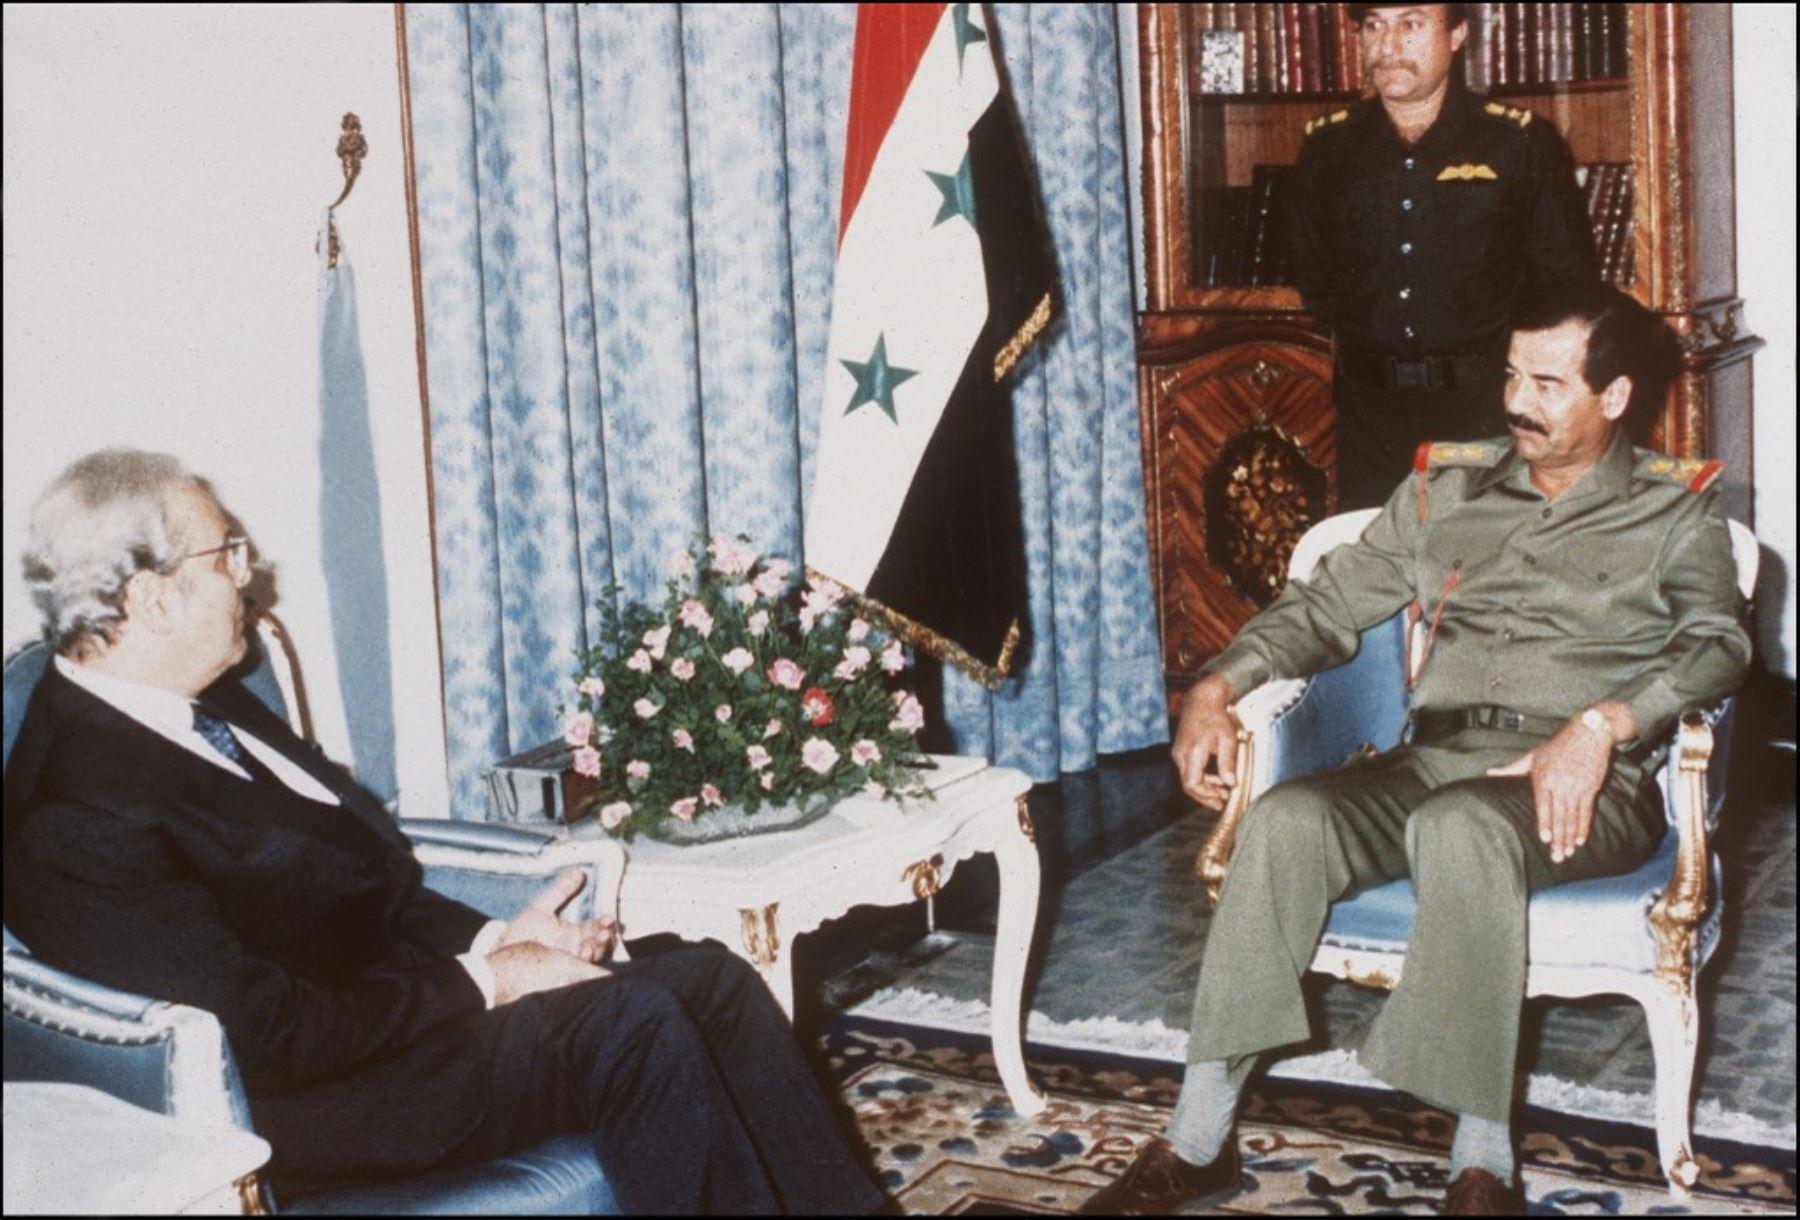 El presidente iraquí Saddam Hussein se reúne el 14 de septiembre de 1987 en Bagdad con el secretario general de las Naciones Unidas, Javiez Pérez de Cuéllar. De Cuellar estaba en Bagdad en una misión de paz sobre la guerra Irak-Irán de 1980-88. Foto: AFP